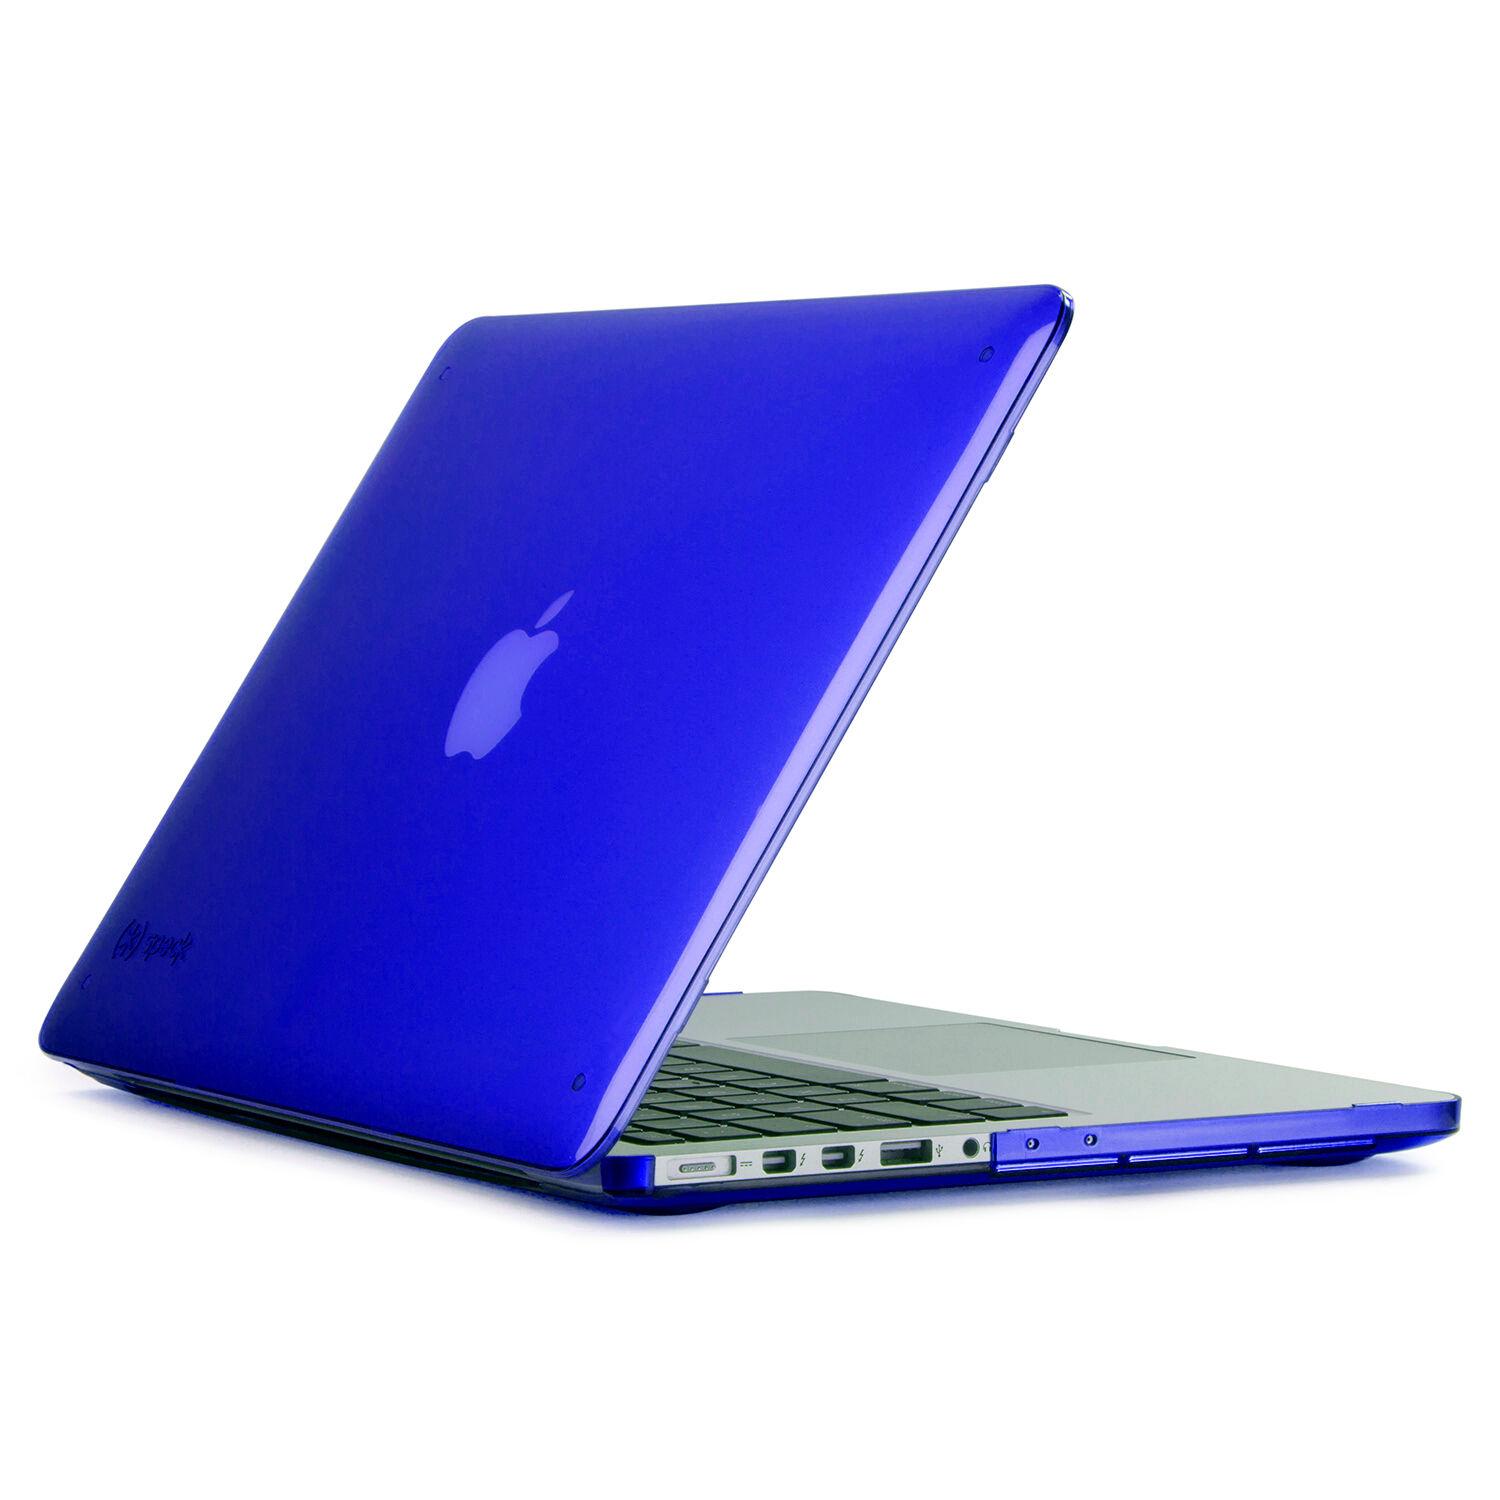 Macbook pro with retina display cases macbook pro retina cases - Seethru Macbook Pro With Retina Display 13 Cases Old Version